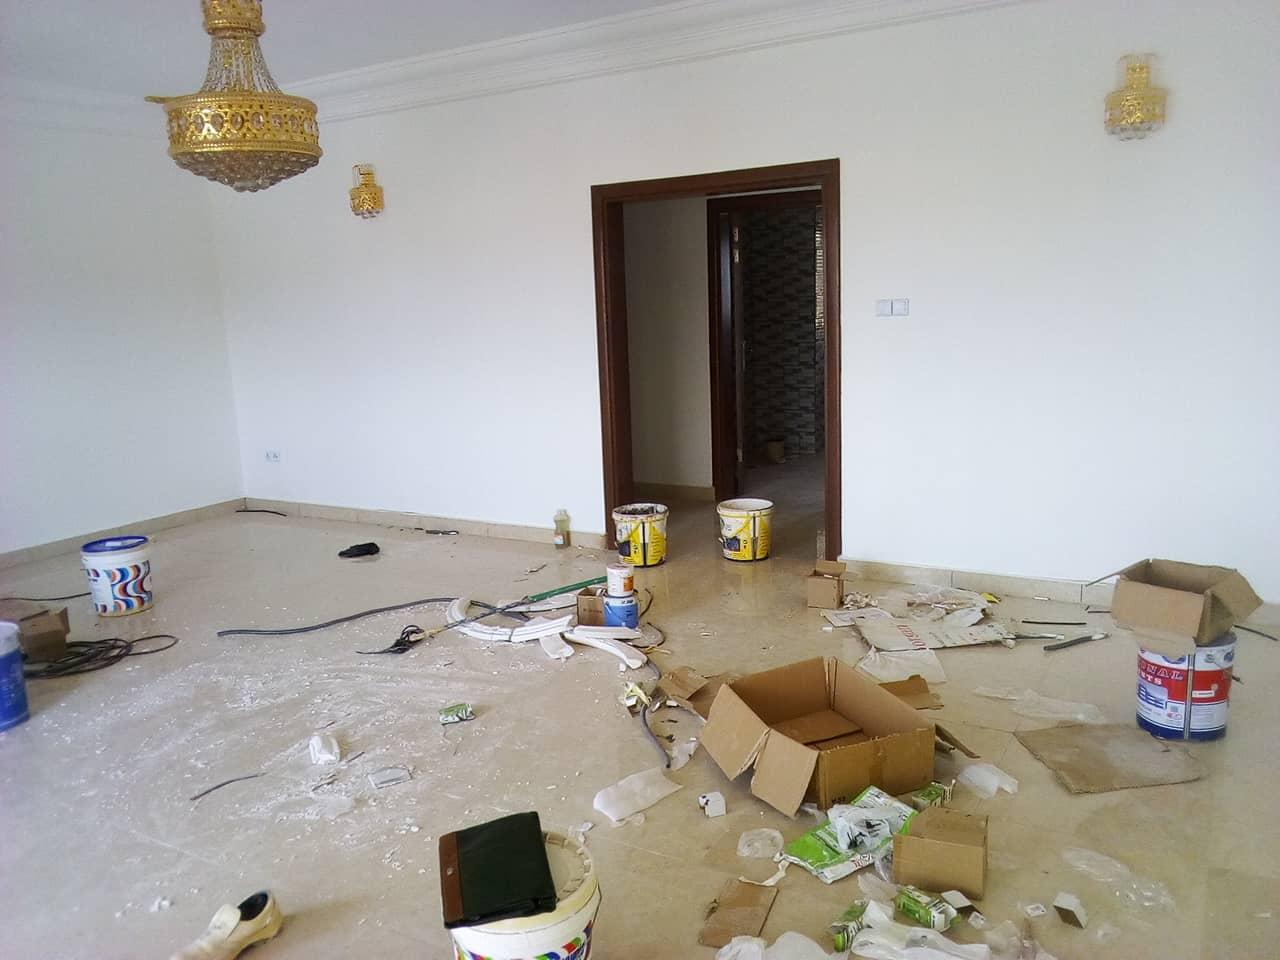 Appartement à louer - Yaoundé, Bastos, pas de lambassade despagne - 1 salon(s), 2 chambre(s), 3 salle(s) de bains - 700 000 FCFA / mois